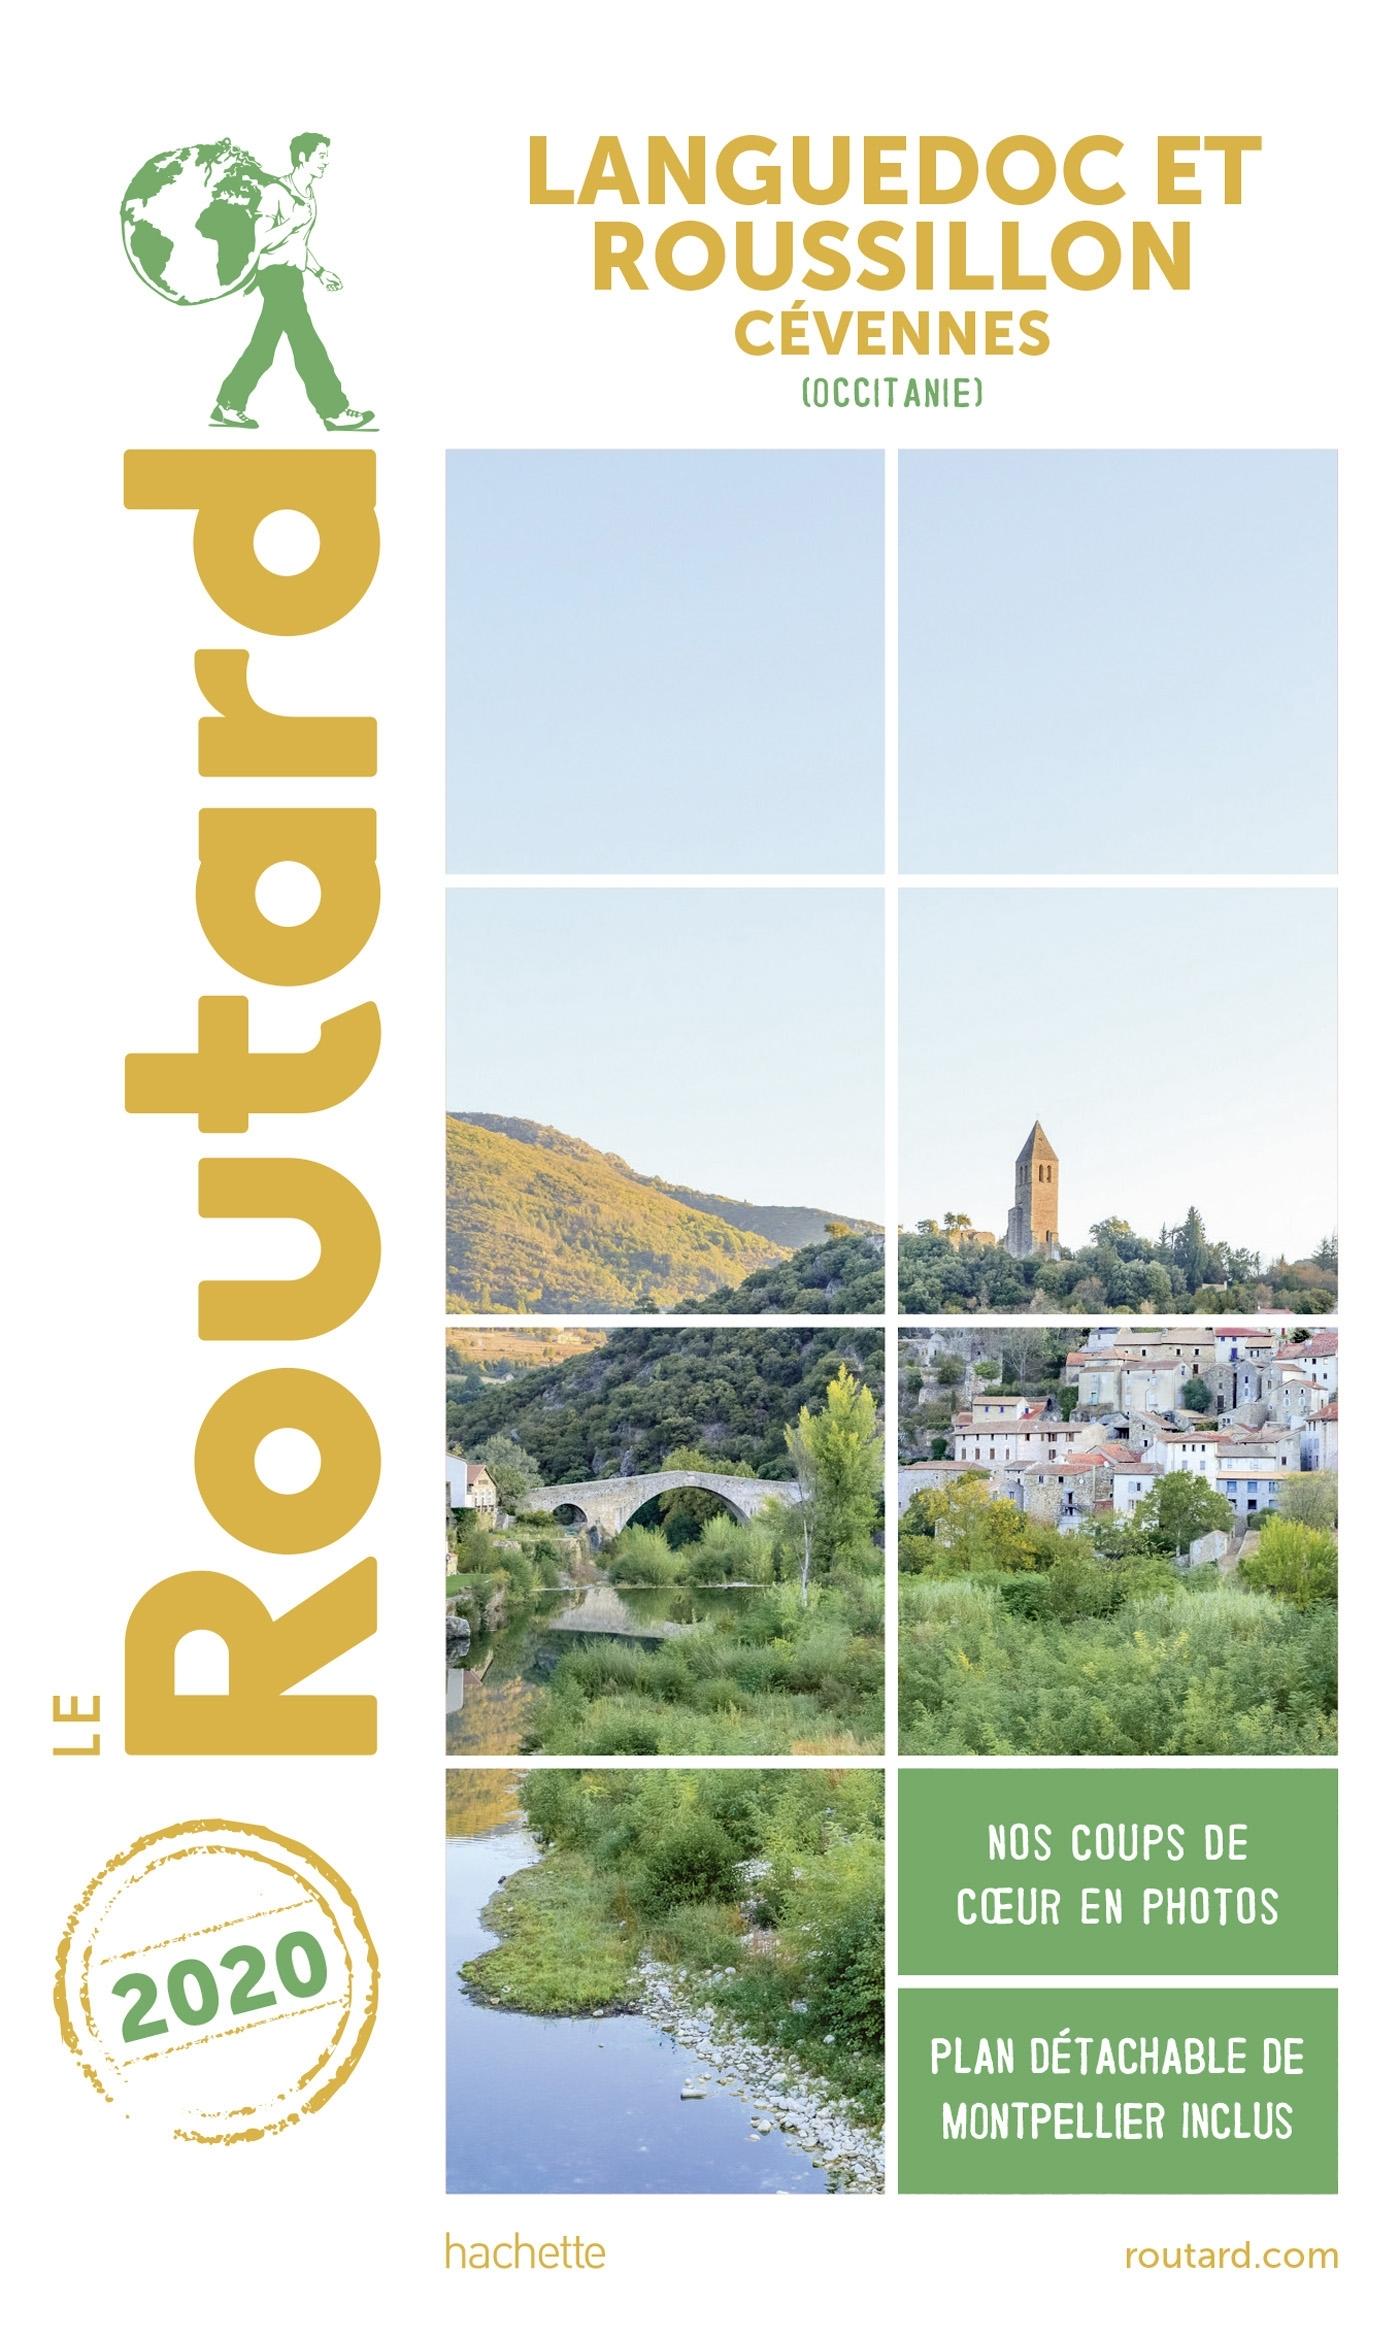 GUIDE DU ROUTARD LANGUEDOC-ROUSSILLON 2020 - (OCCITANIE)